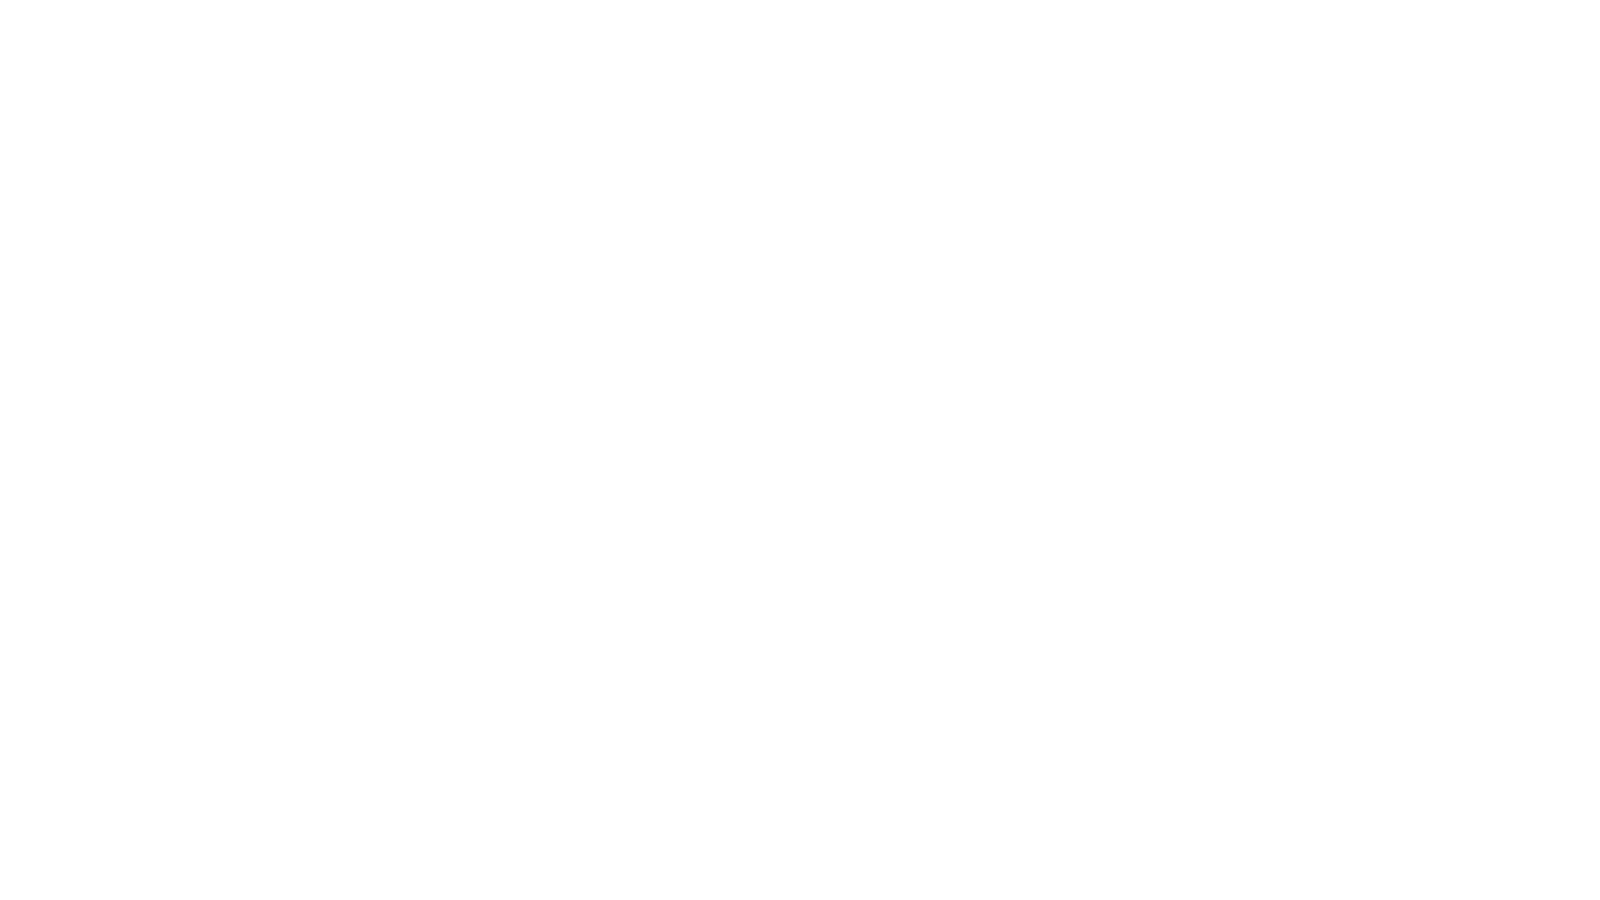 Esta ave que normalmente vemos enjaulada en los hogares, la podemos ver al natural en #arboledas, te invitamos a disfrutar y observar las aves en su hábitat, ellas merecen ser libres, cantar libres y volar en la inmensidad del cielo.  Se le conoce como:  Nombre Científico: Tersina viridis Nombre Común: Azulejo Golondrina  Nombre en Inglés: Swallow Tanager  Por lo general se alimenta de frutos e insectos y un dato muy curioso para diferenciar al macho de la hembra:  El macho es de coloración azul con antifaz y garganta negros; vientre blanco. La hembra es verde brillante en el dorso y verdoso amarillento en las partes inferiores.  Disfruta avistar aves con pajareando.co y ten un maravilloso encuentro con esos seres con alas, vibra en sintonía de la naturaleza y regálate ese descanso que necesitas en lugares mágicos como Arboledas.  Vive un turismo de naturaleza.